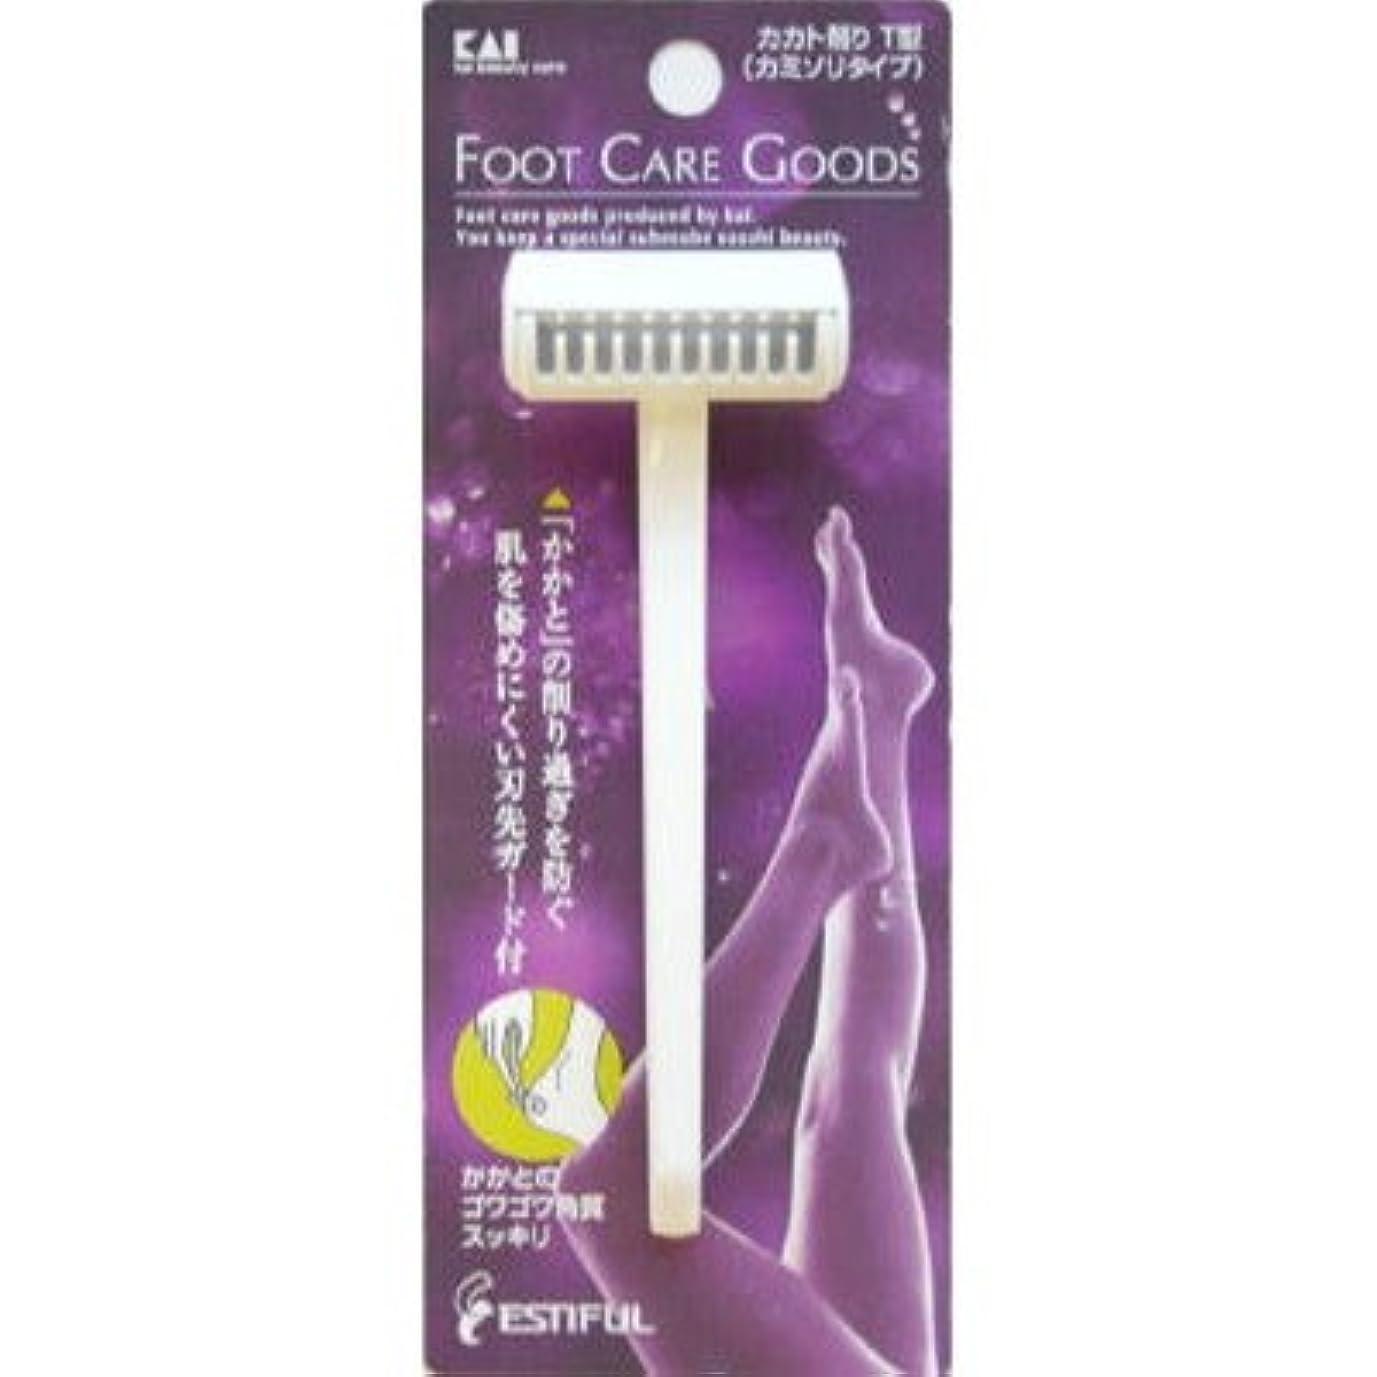 技術者コンテンツフィヨルド貝印HB0305 カカト削りT型(カミソリタイプ)【6個パック】